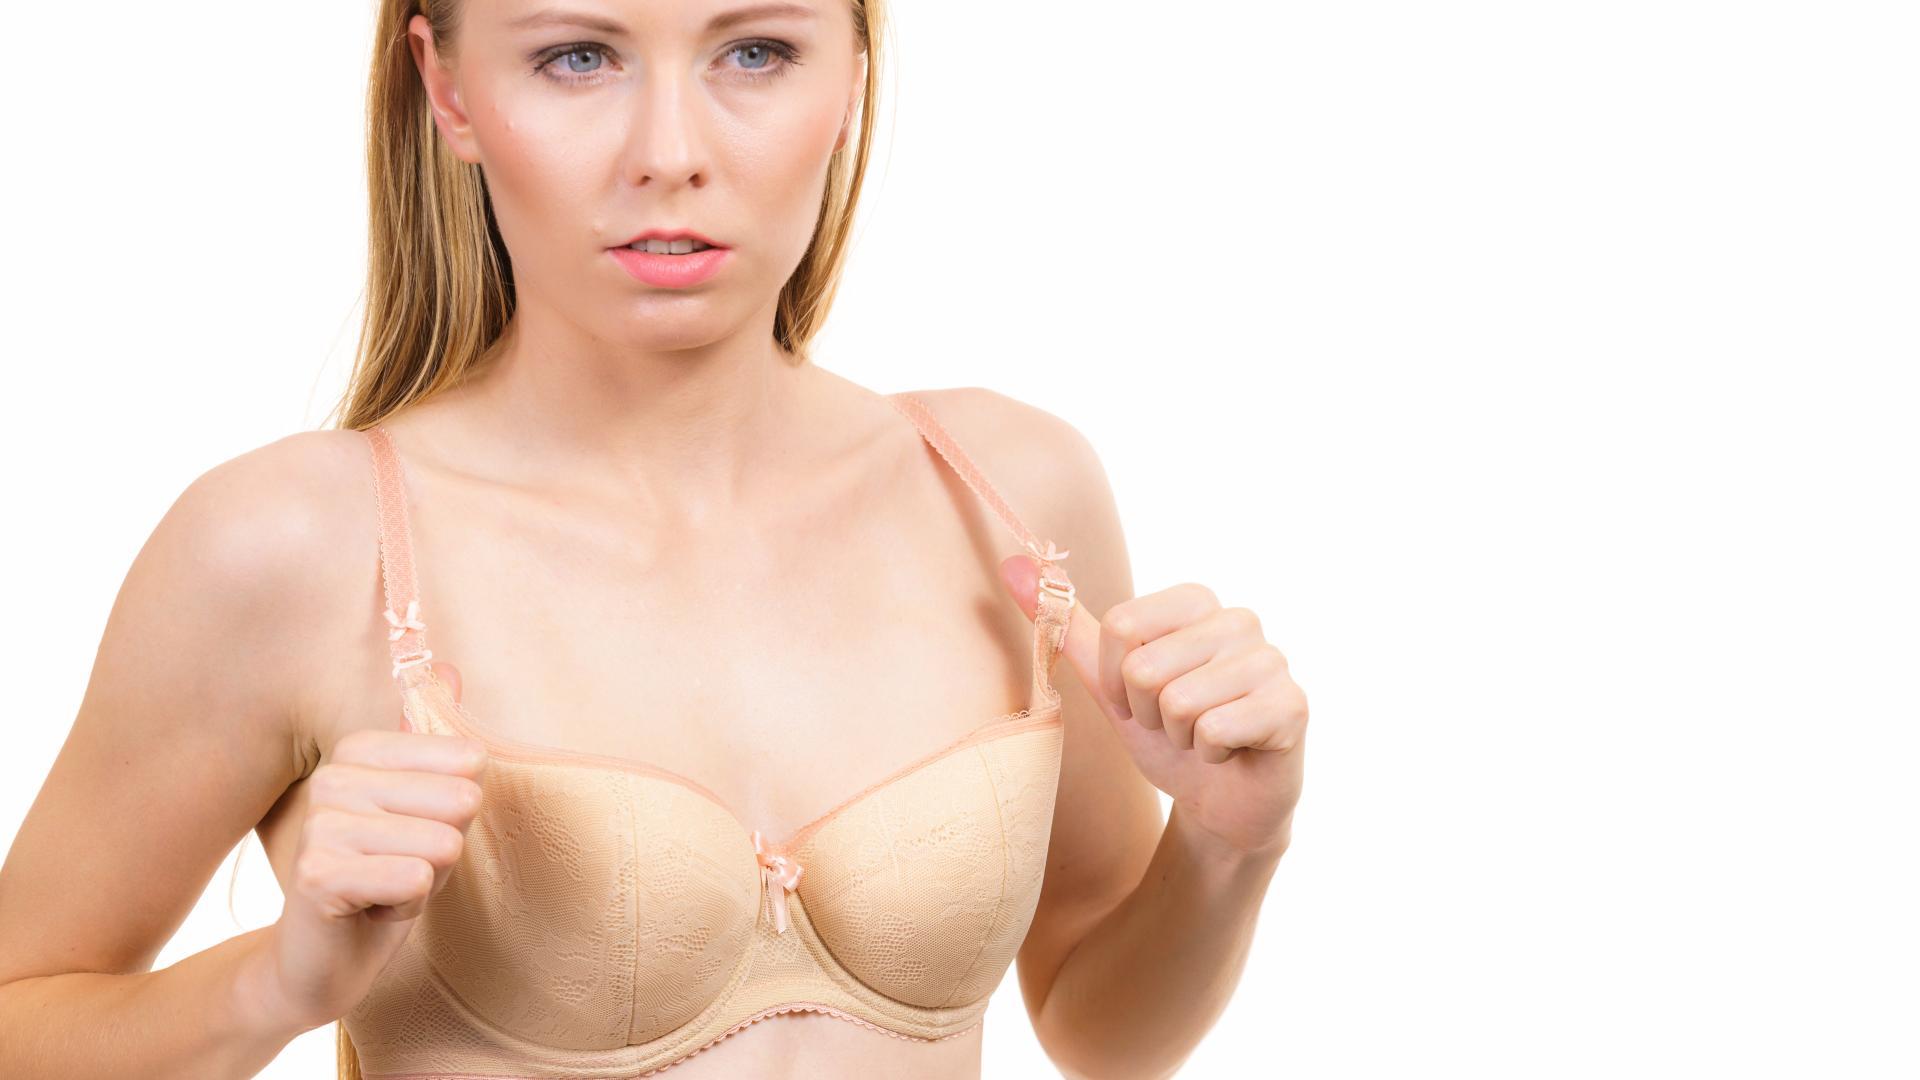 Brustvergrößerung ohne OP nicht sinnvoll